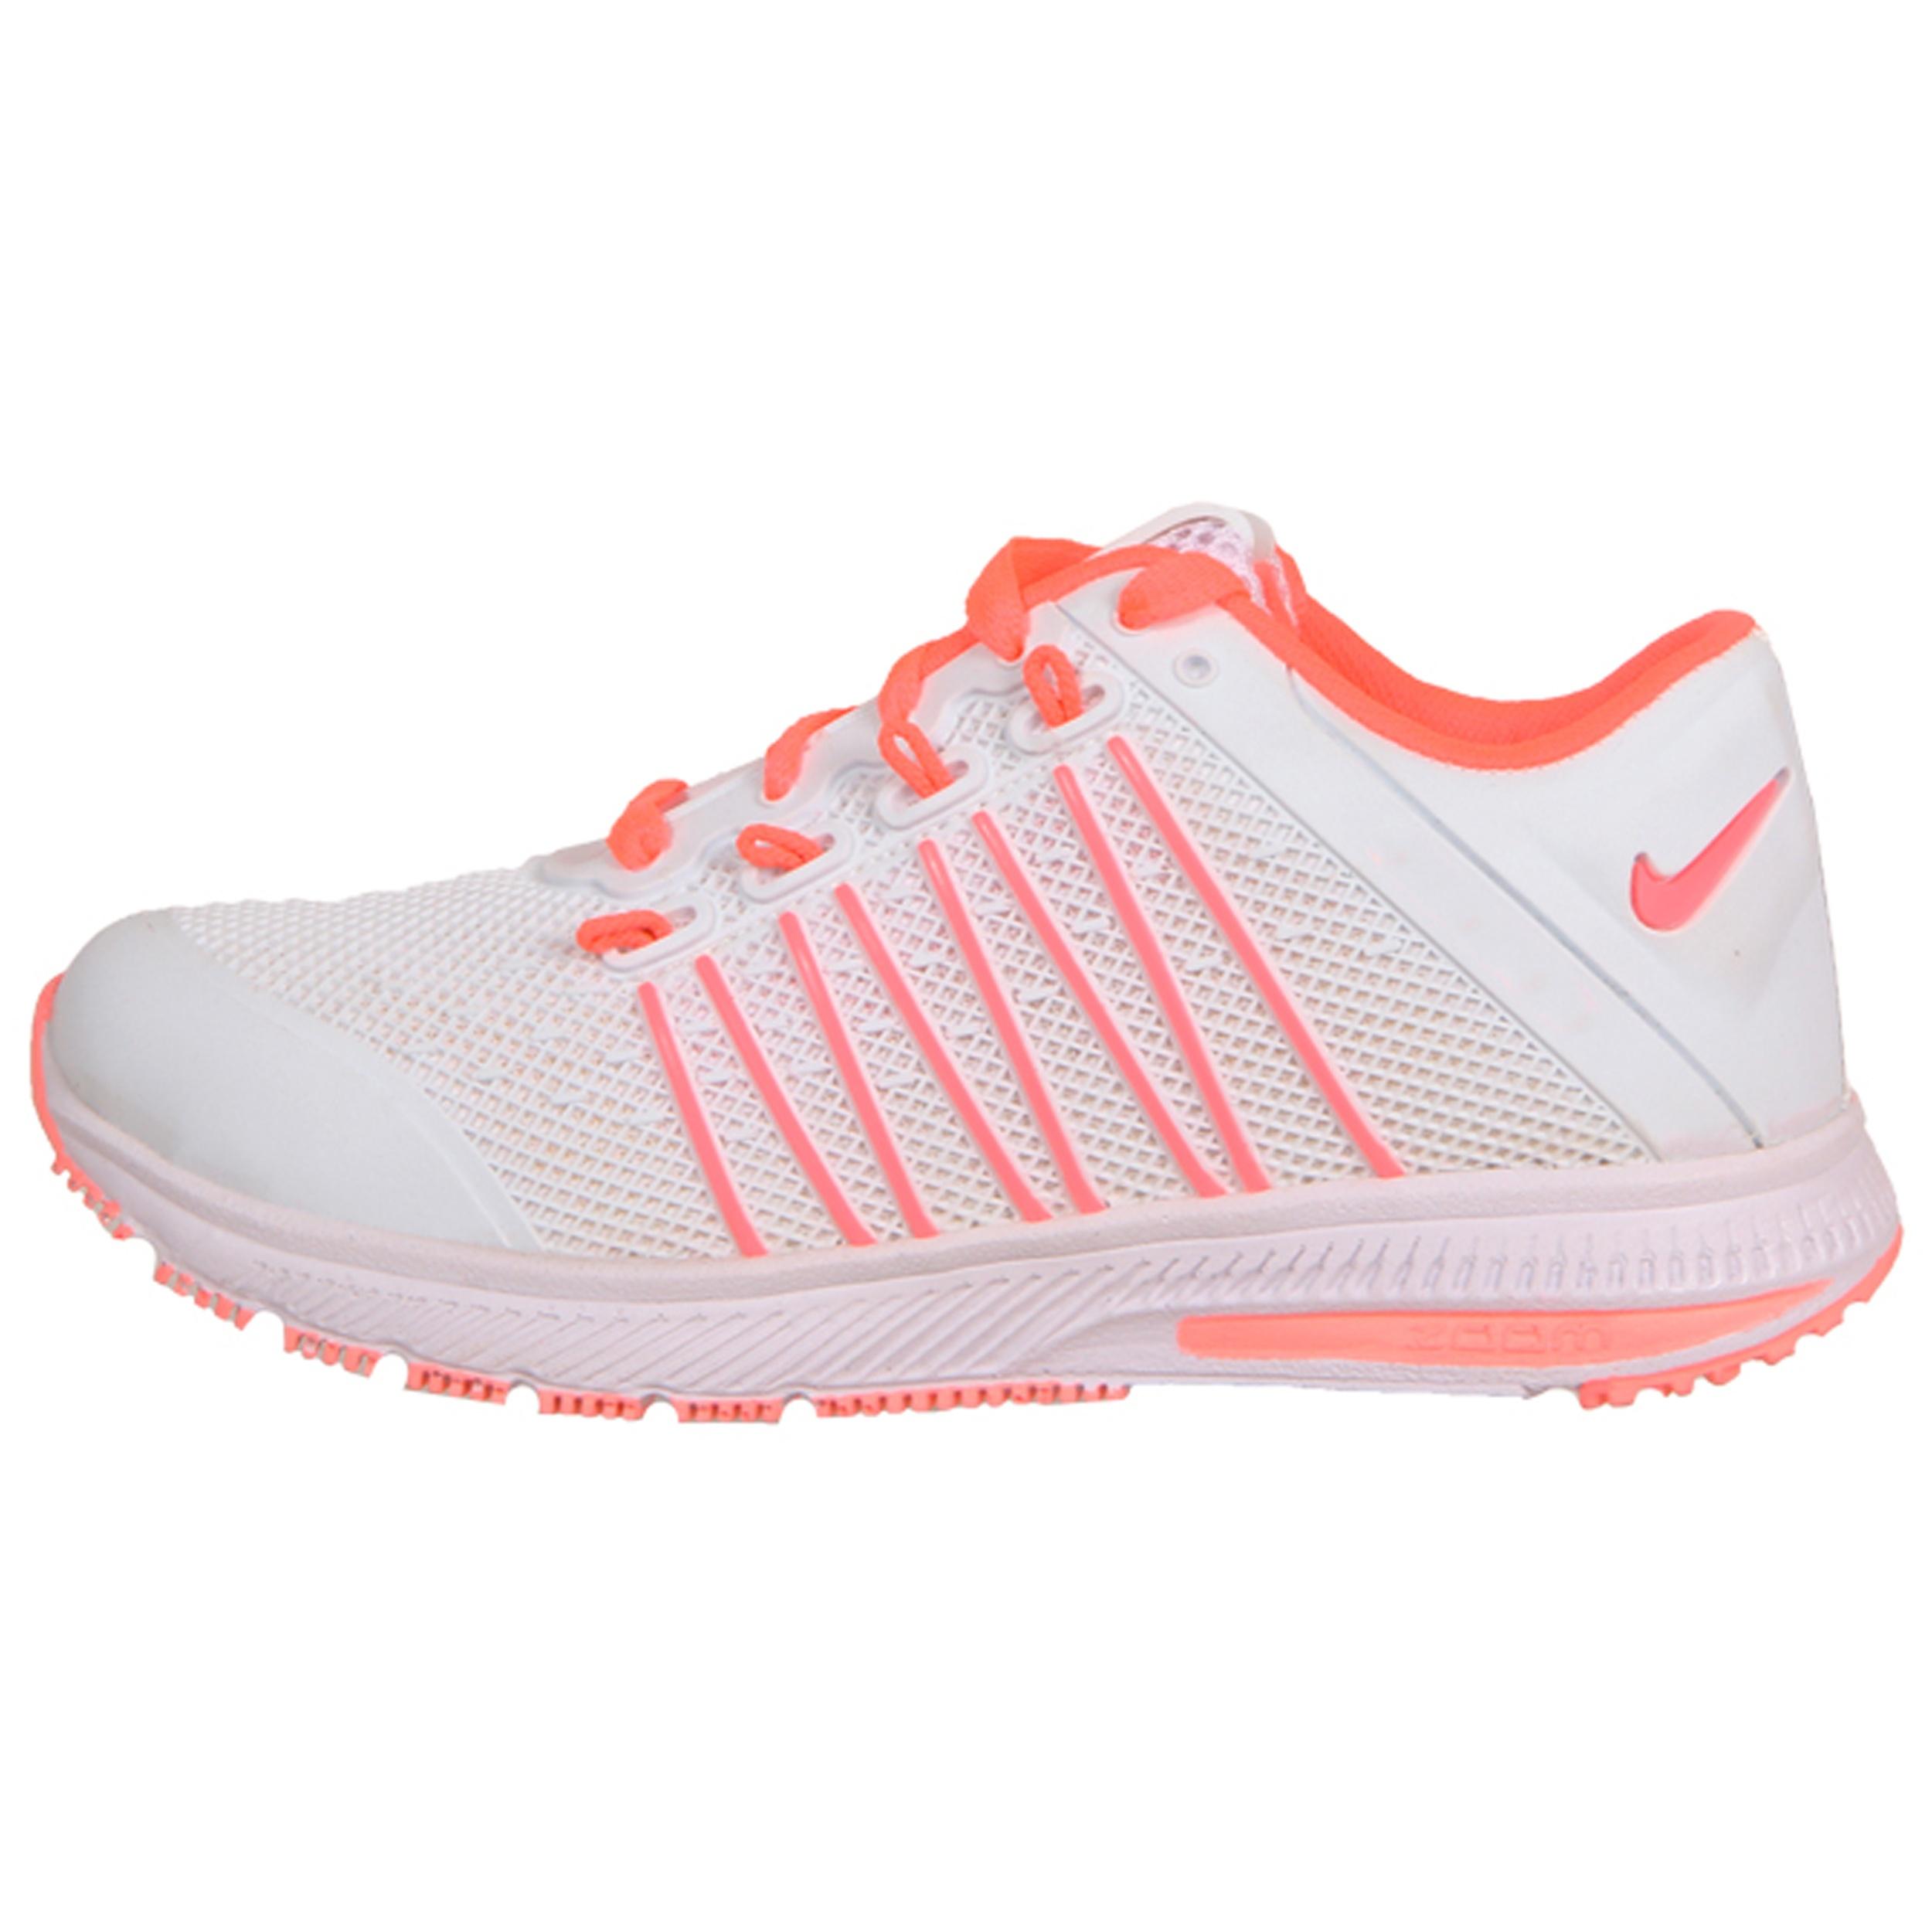 کفش مخصوص پیاده روی زنانه کد 96-1396141